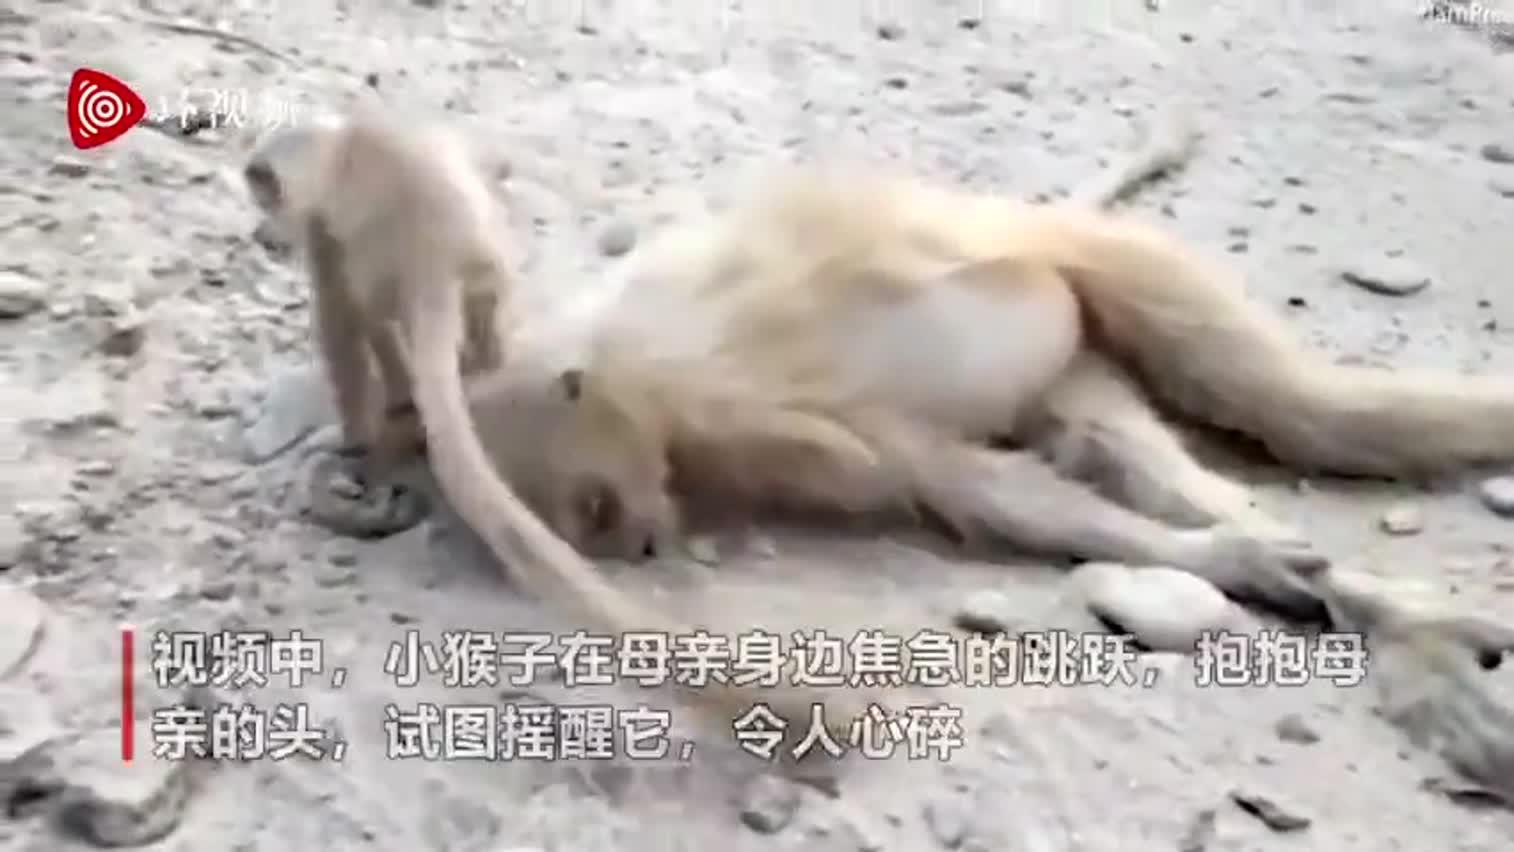 视频-印度母猴触电身亡 幼崽抱着妈妈头试图唤醒